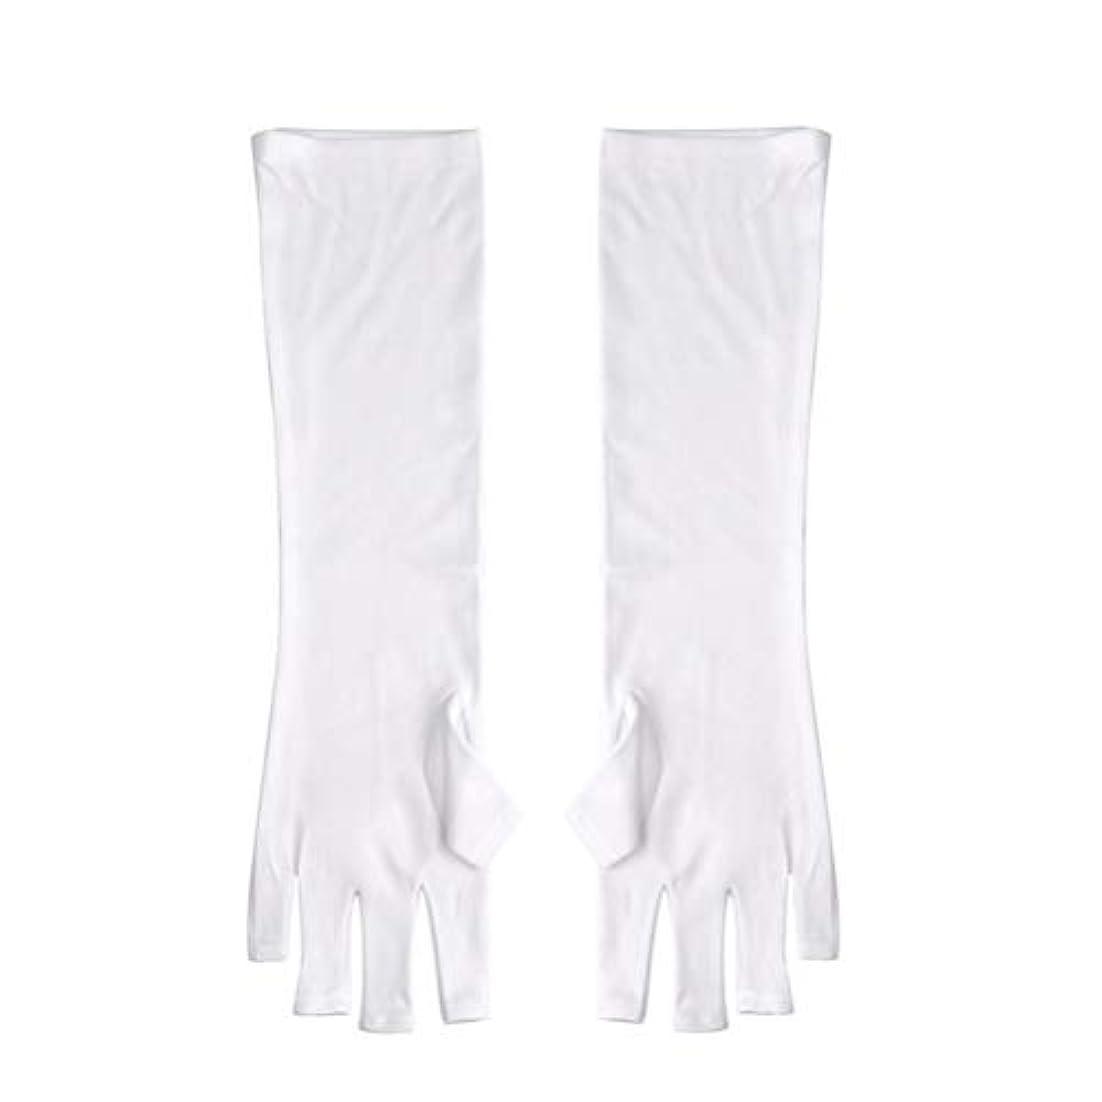 集中言い直すアルコールFrcolor ネイルUVシールド手袋 ネイルアートグローブ 紫外線防止 マニキュア抗UVグローブ 半指 手保護 マニキュアドライヤーツール